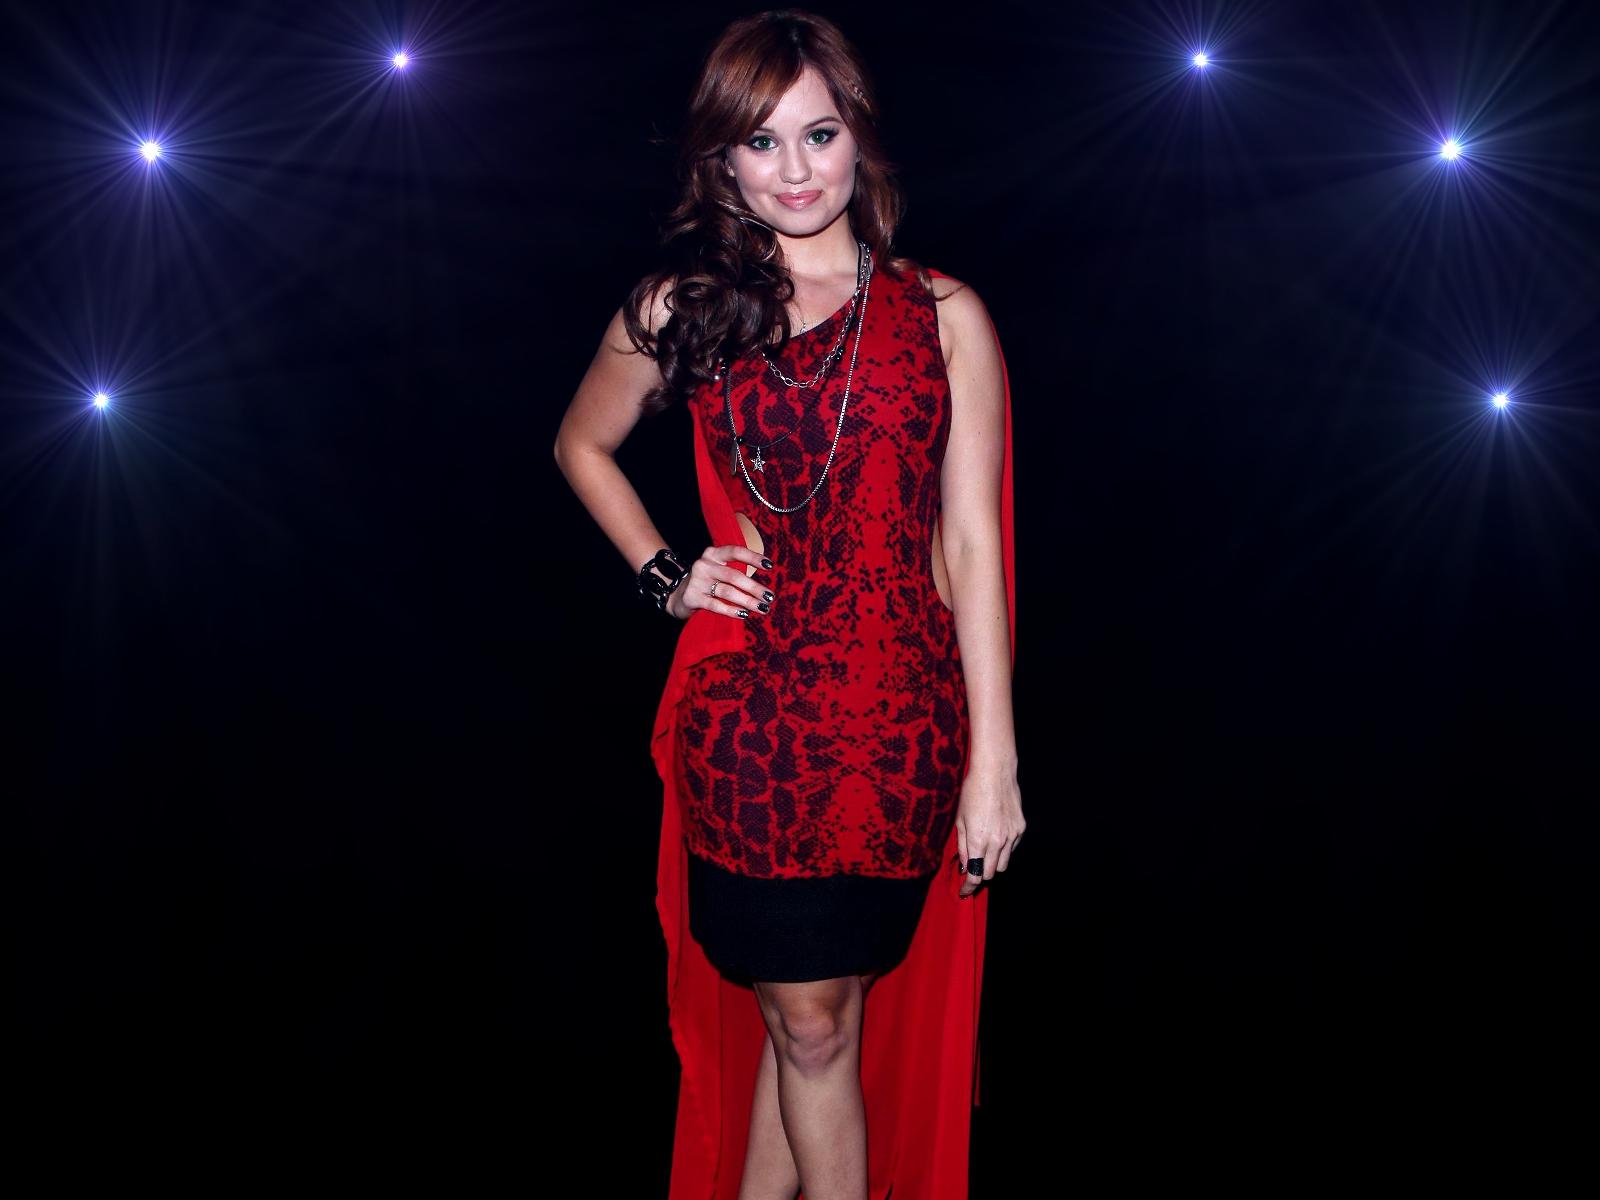 Debby ryan actress